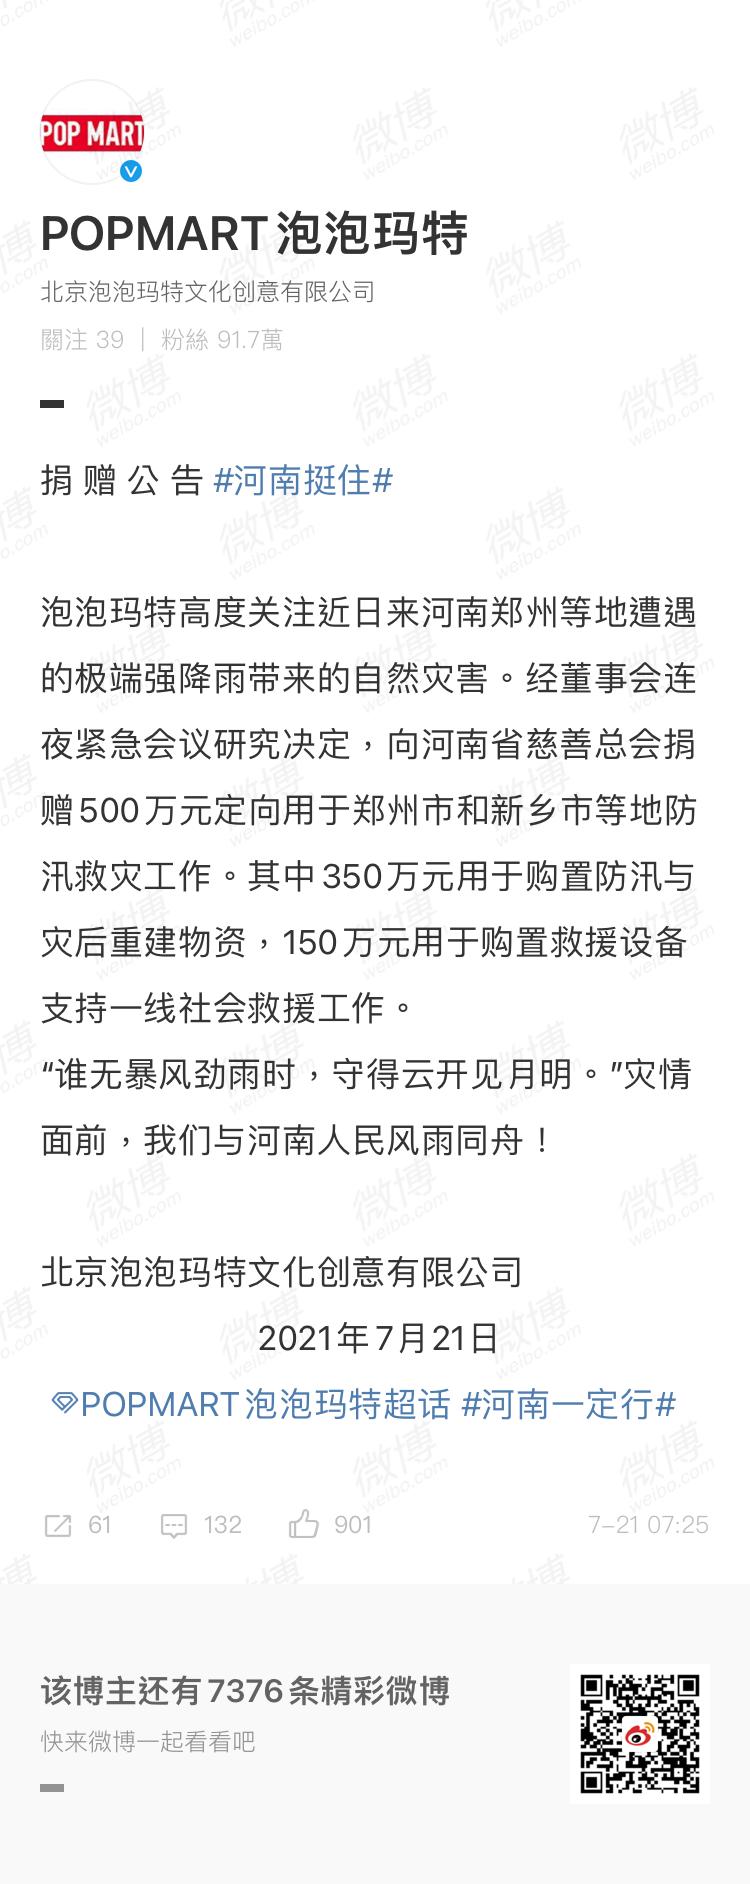 泡泡玛特发布公告 向河南捐赠500万元 购置物资与设备